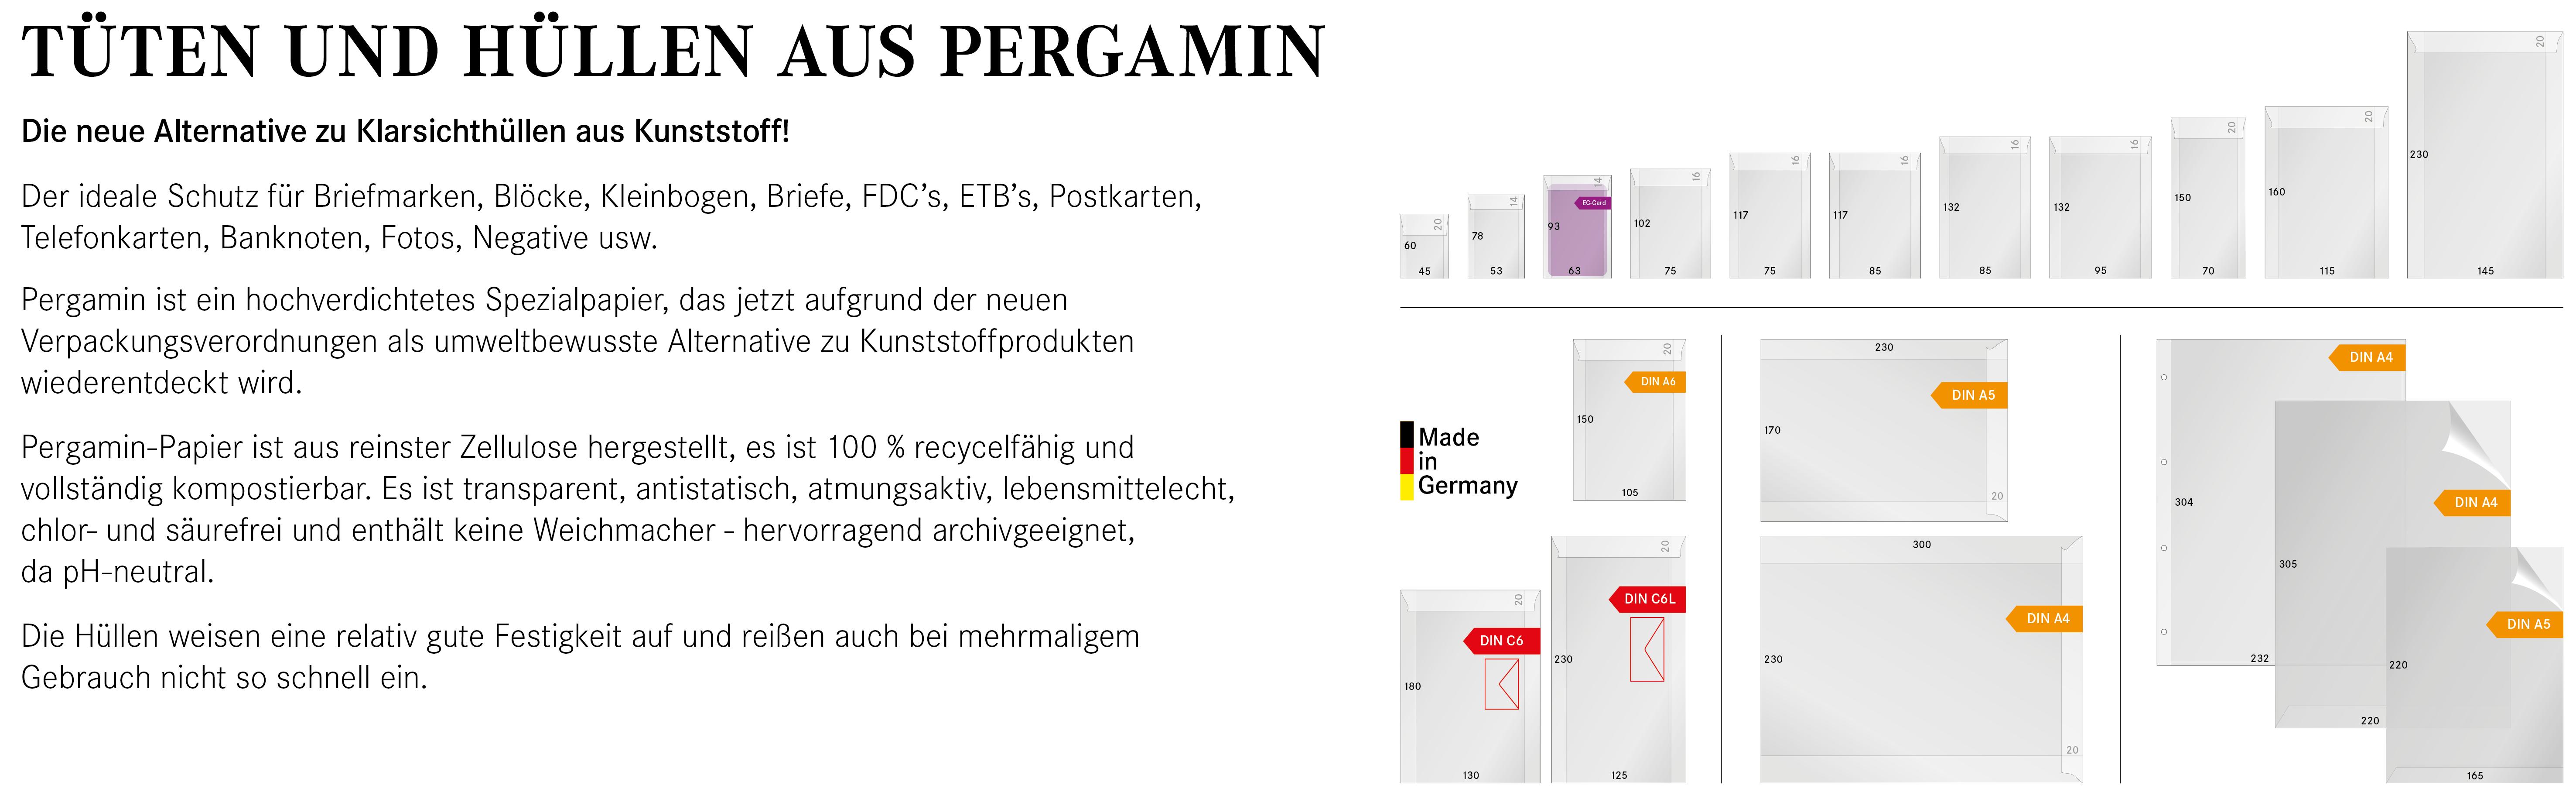 TÜTEN UND HÜLLEN AUS PERGAMIN | Die neue Alternative zu Klarsichthüllen aus Kunststoff! Der ideale Schutz für Briefmarken, Blöcke, Kleinbogen, Briefe, FDC's, ETB's, Postkarten, Telefonkarten, Banknoten, Fotos, Negative usw. Pergamin ist ein hochverdichtetes Spezialpapier, das jetzt aufgrund der neuen Verpackungsverordnungen als umweltbewusste Alternative zu Kunststoffprodukten wiederentdeckt wird. Pergamin-Papier ist aus reinster Zellulose hergestellt, es ist 100 % recycelfähig und vollständig kompostierbar. Es ist transparent, antistatisch, atmungsaktiv, lebensmittelecht, chlor- und säurefrei und enthält keine Weichmacher - hervorragend archivgeeignet, da pH-neutral. Die Hüllen weisen eine relativ gute Festigkeit auf und reißen auch bei mehrmaligem Gebrauch nicht so schnell ein.